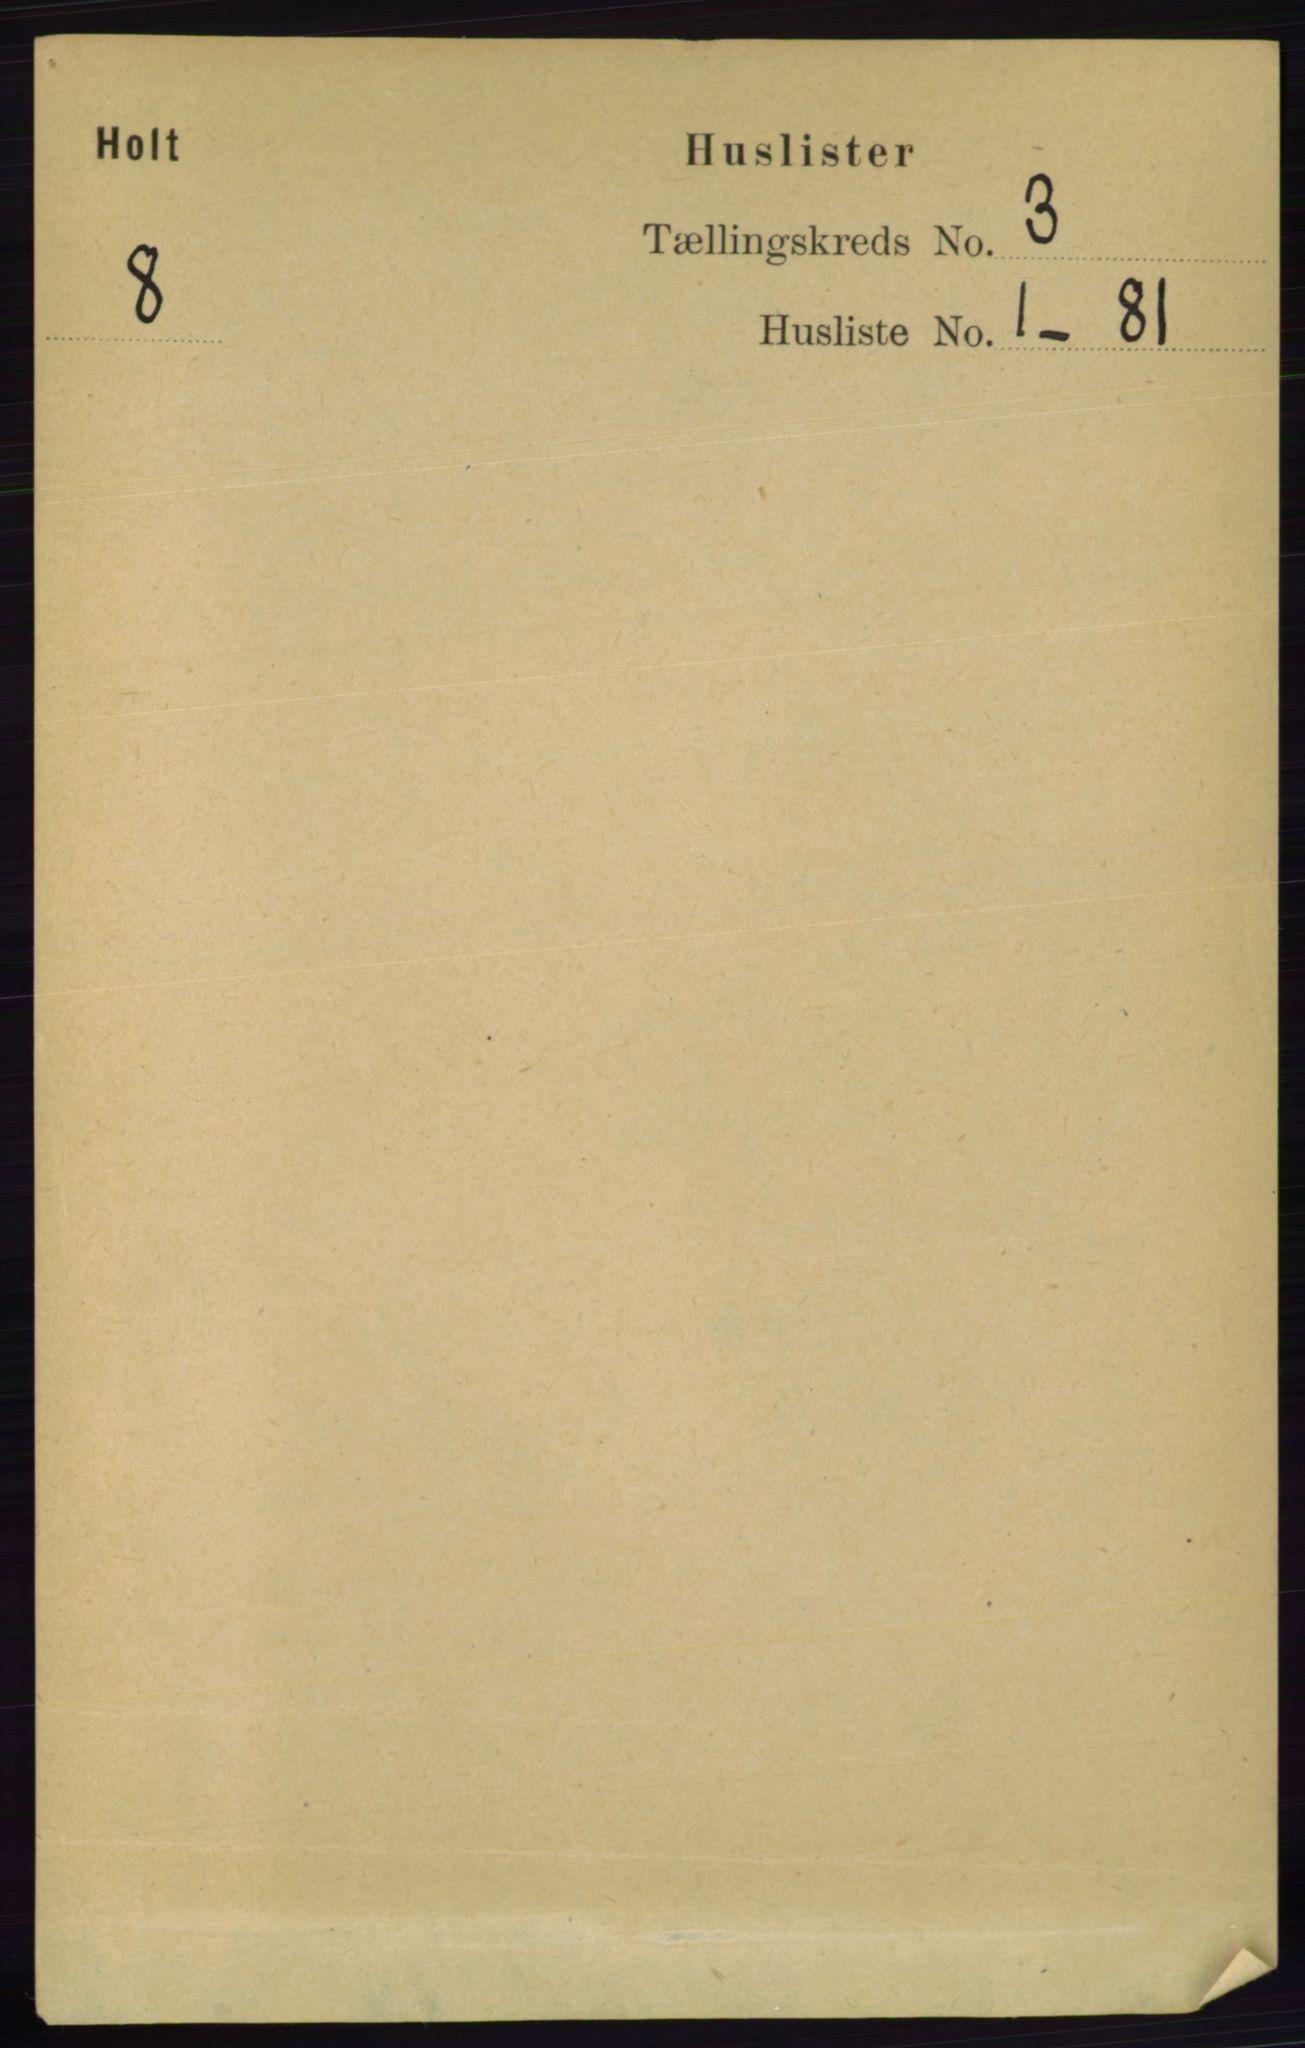 RA, Folketelling 1891 for 0914 Holt herred, 1891, s. 952